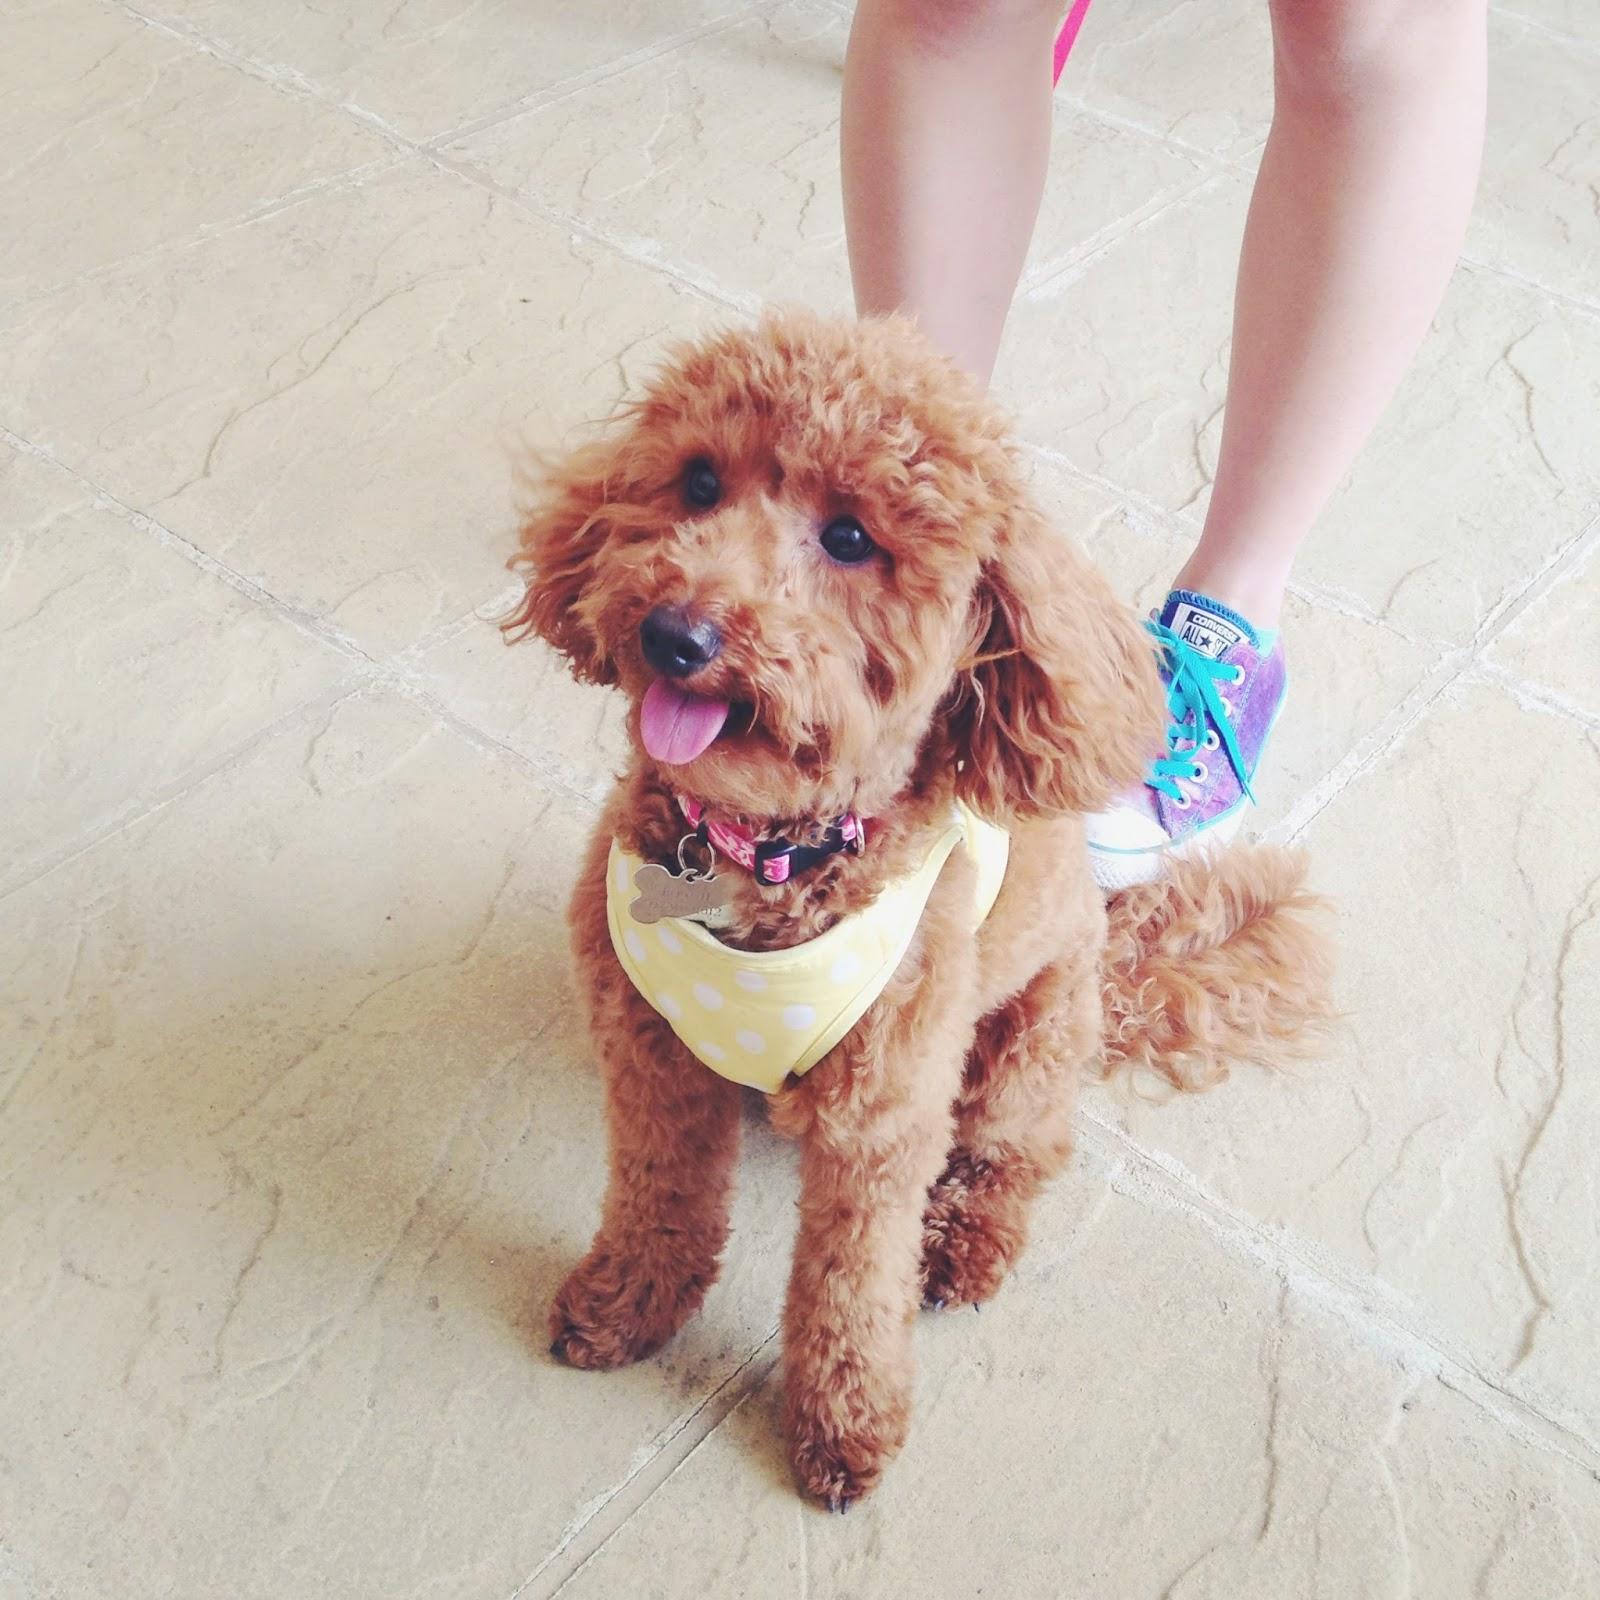 miniature poodle, toy poodle, miniature poodle haircut, poodle haircut